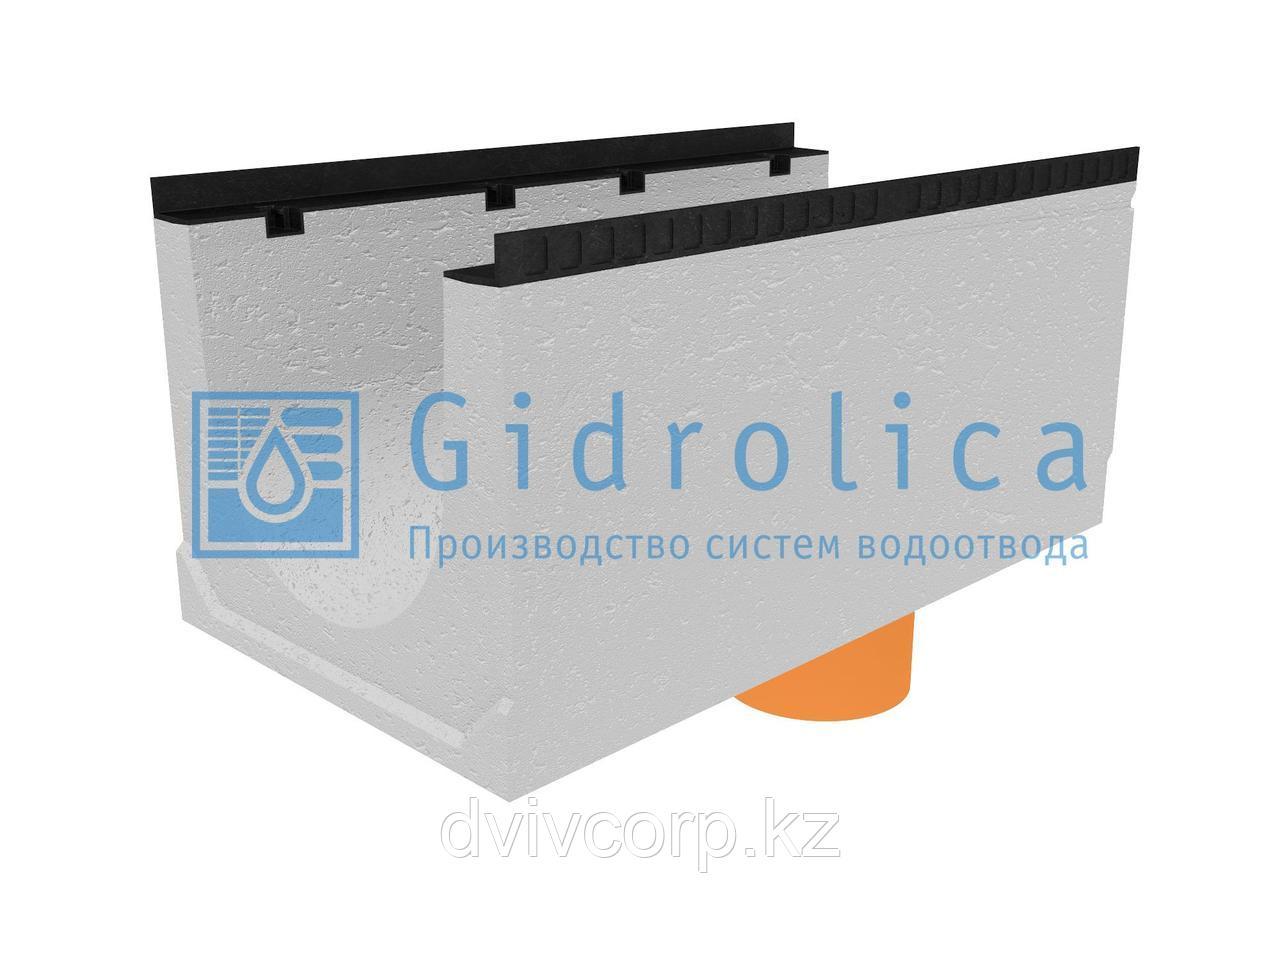 Лоток водоотводный бетонный коробчатый (СО-400мм), с водосливом КUв 100.54(40).47,5(39,5) - BGМ, № 5-0